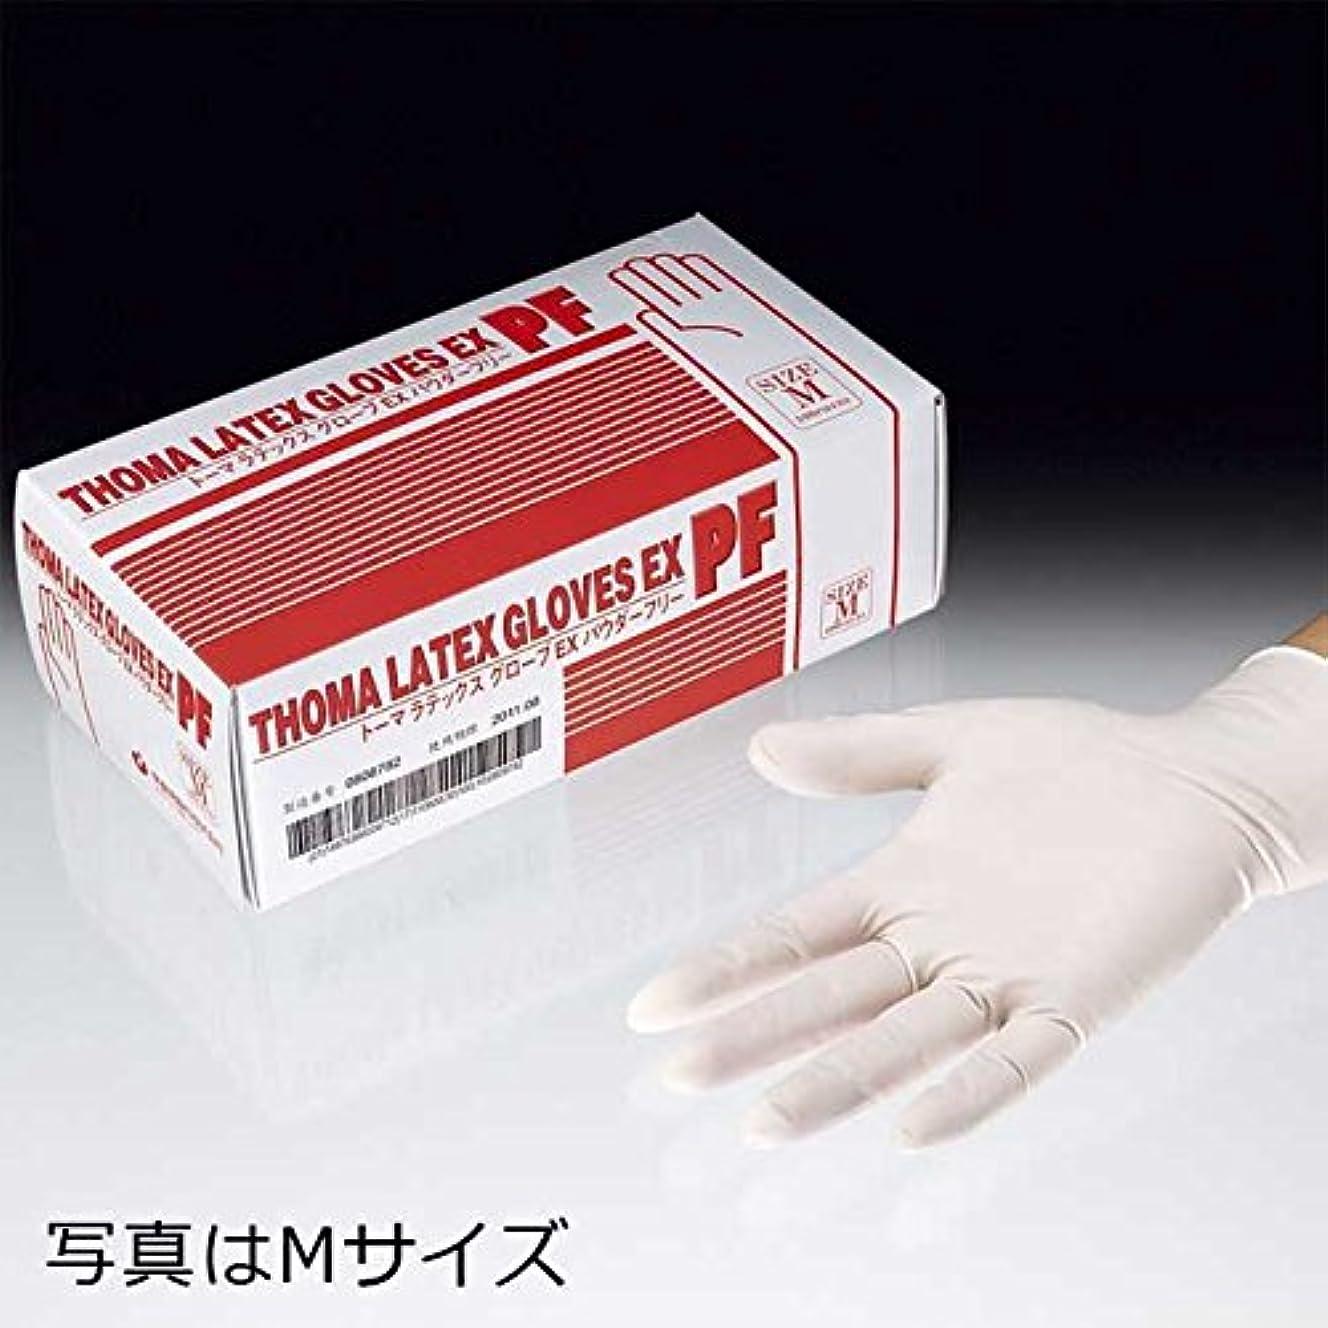 暗殺する鍔残高トーマラテックス手袋EX PF 天然ゴム 使い捨て手袋 粉なし2000枚 (100枚入り20箱) (SS)